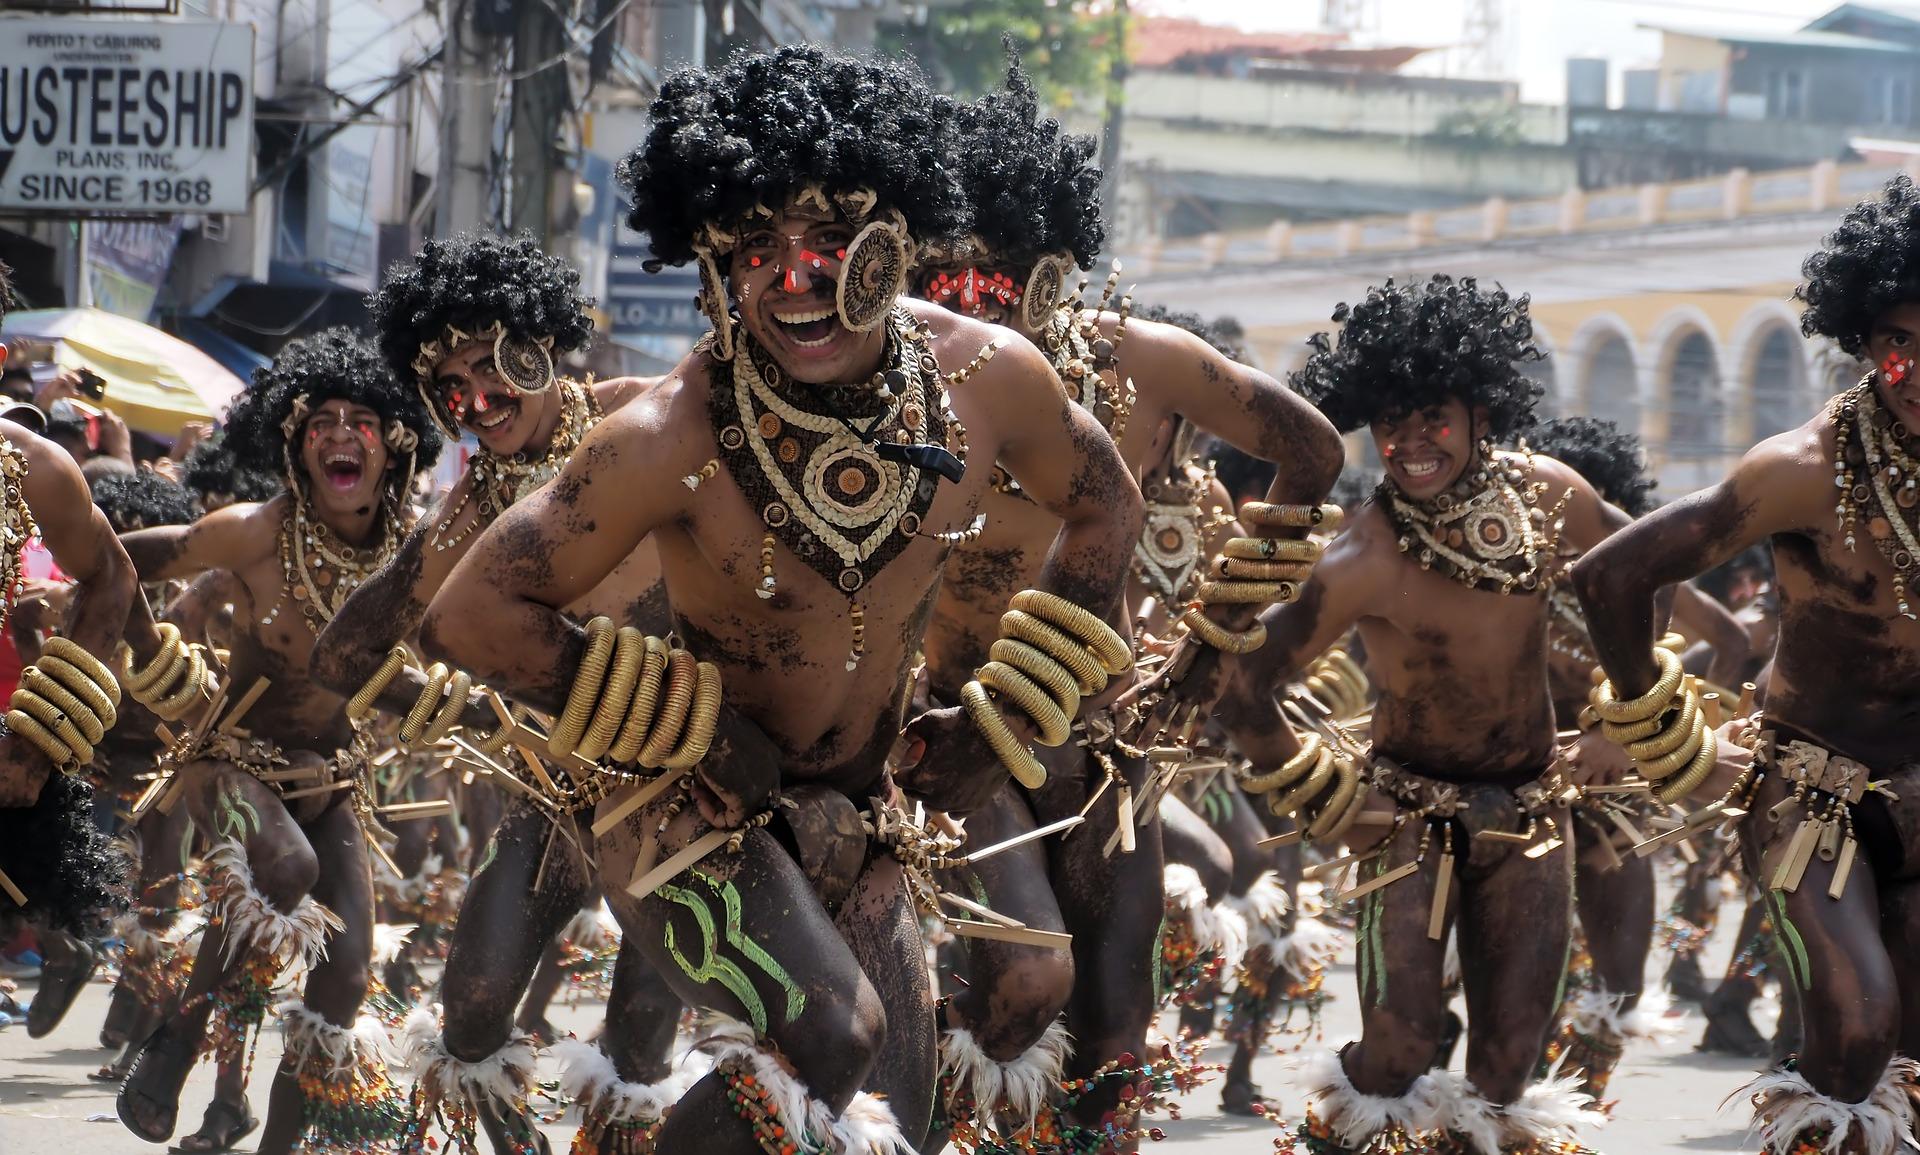 festival men dancing